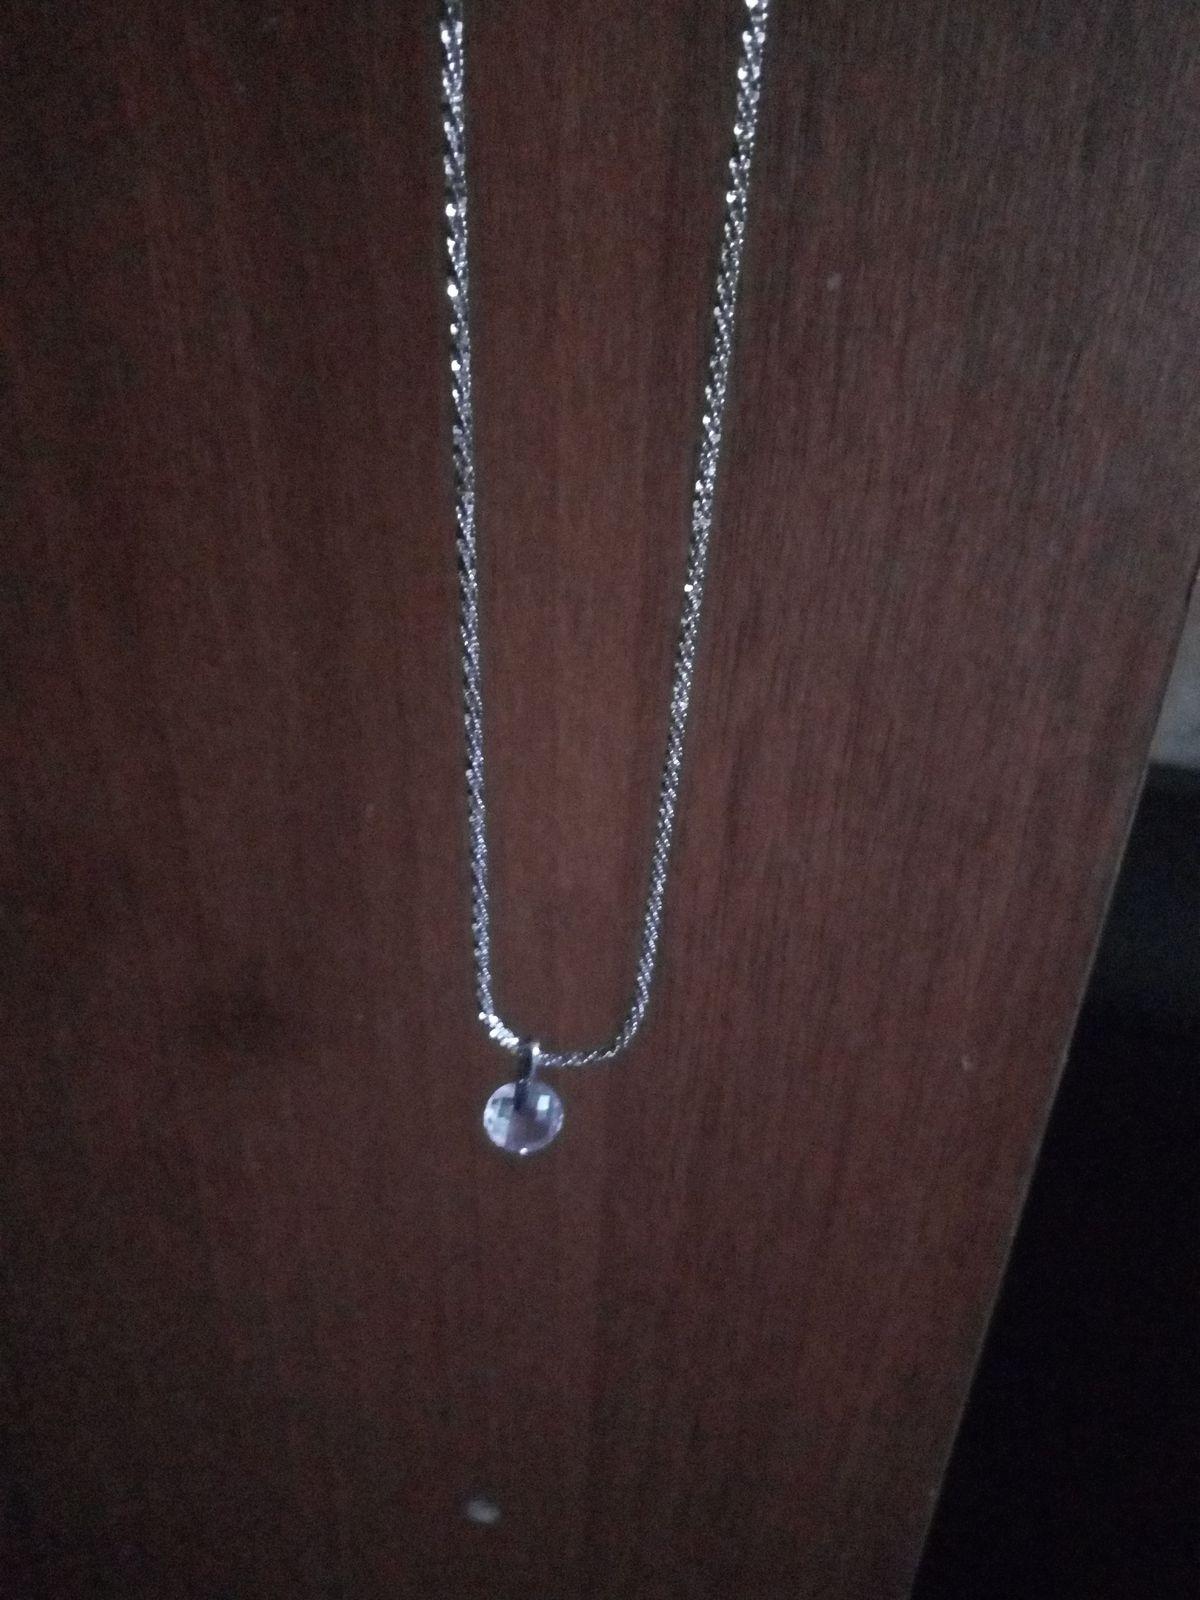 Купила серебряную цепочку в магазине SUNLIGHT в павловском посаде